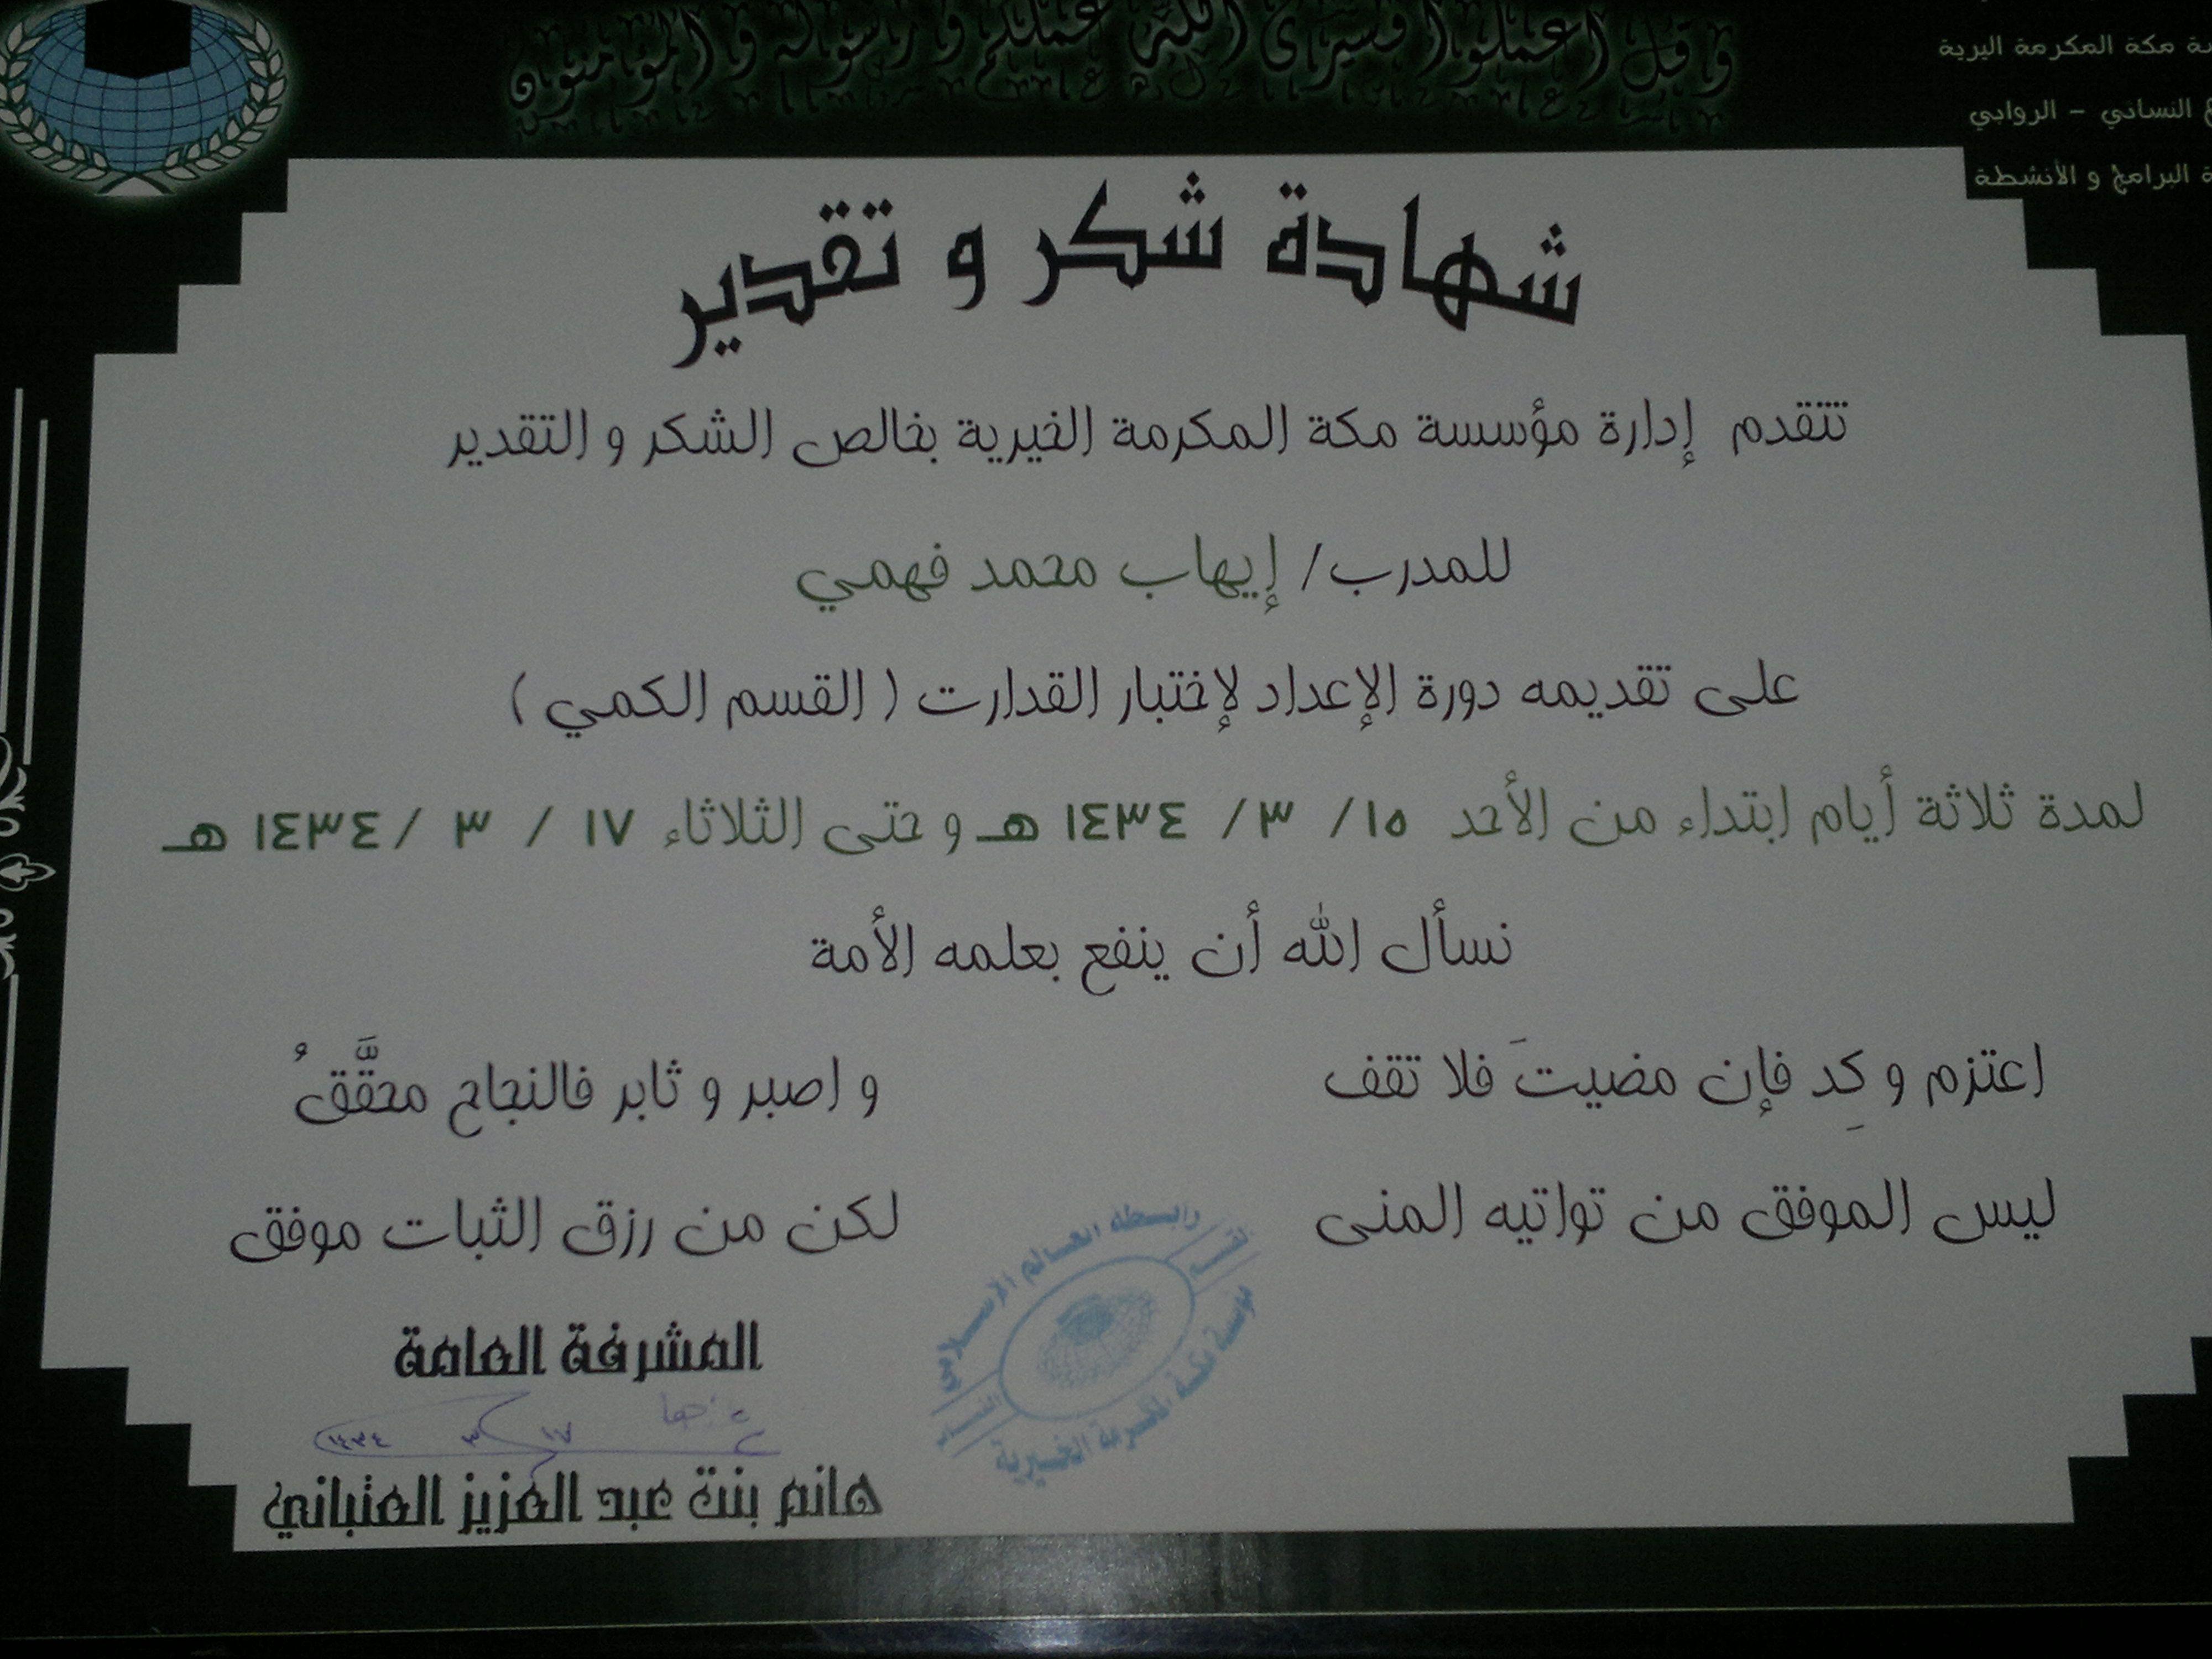 شهادة شكر من مؤسسة مكة الخيرية لاقامتى دورة القدرات القسم الكمى لديهم Cards Against Humanity Person Cards